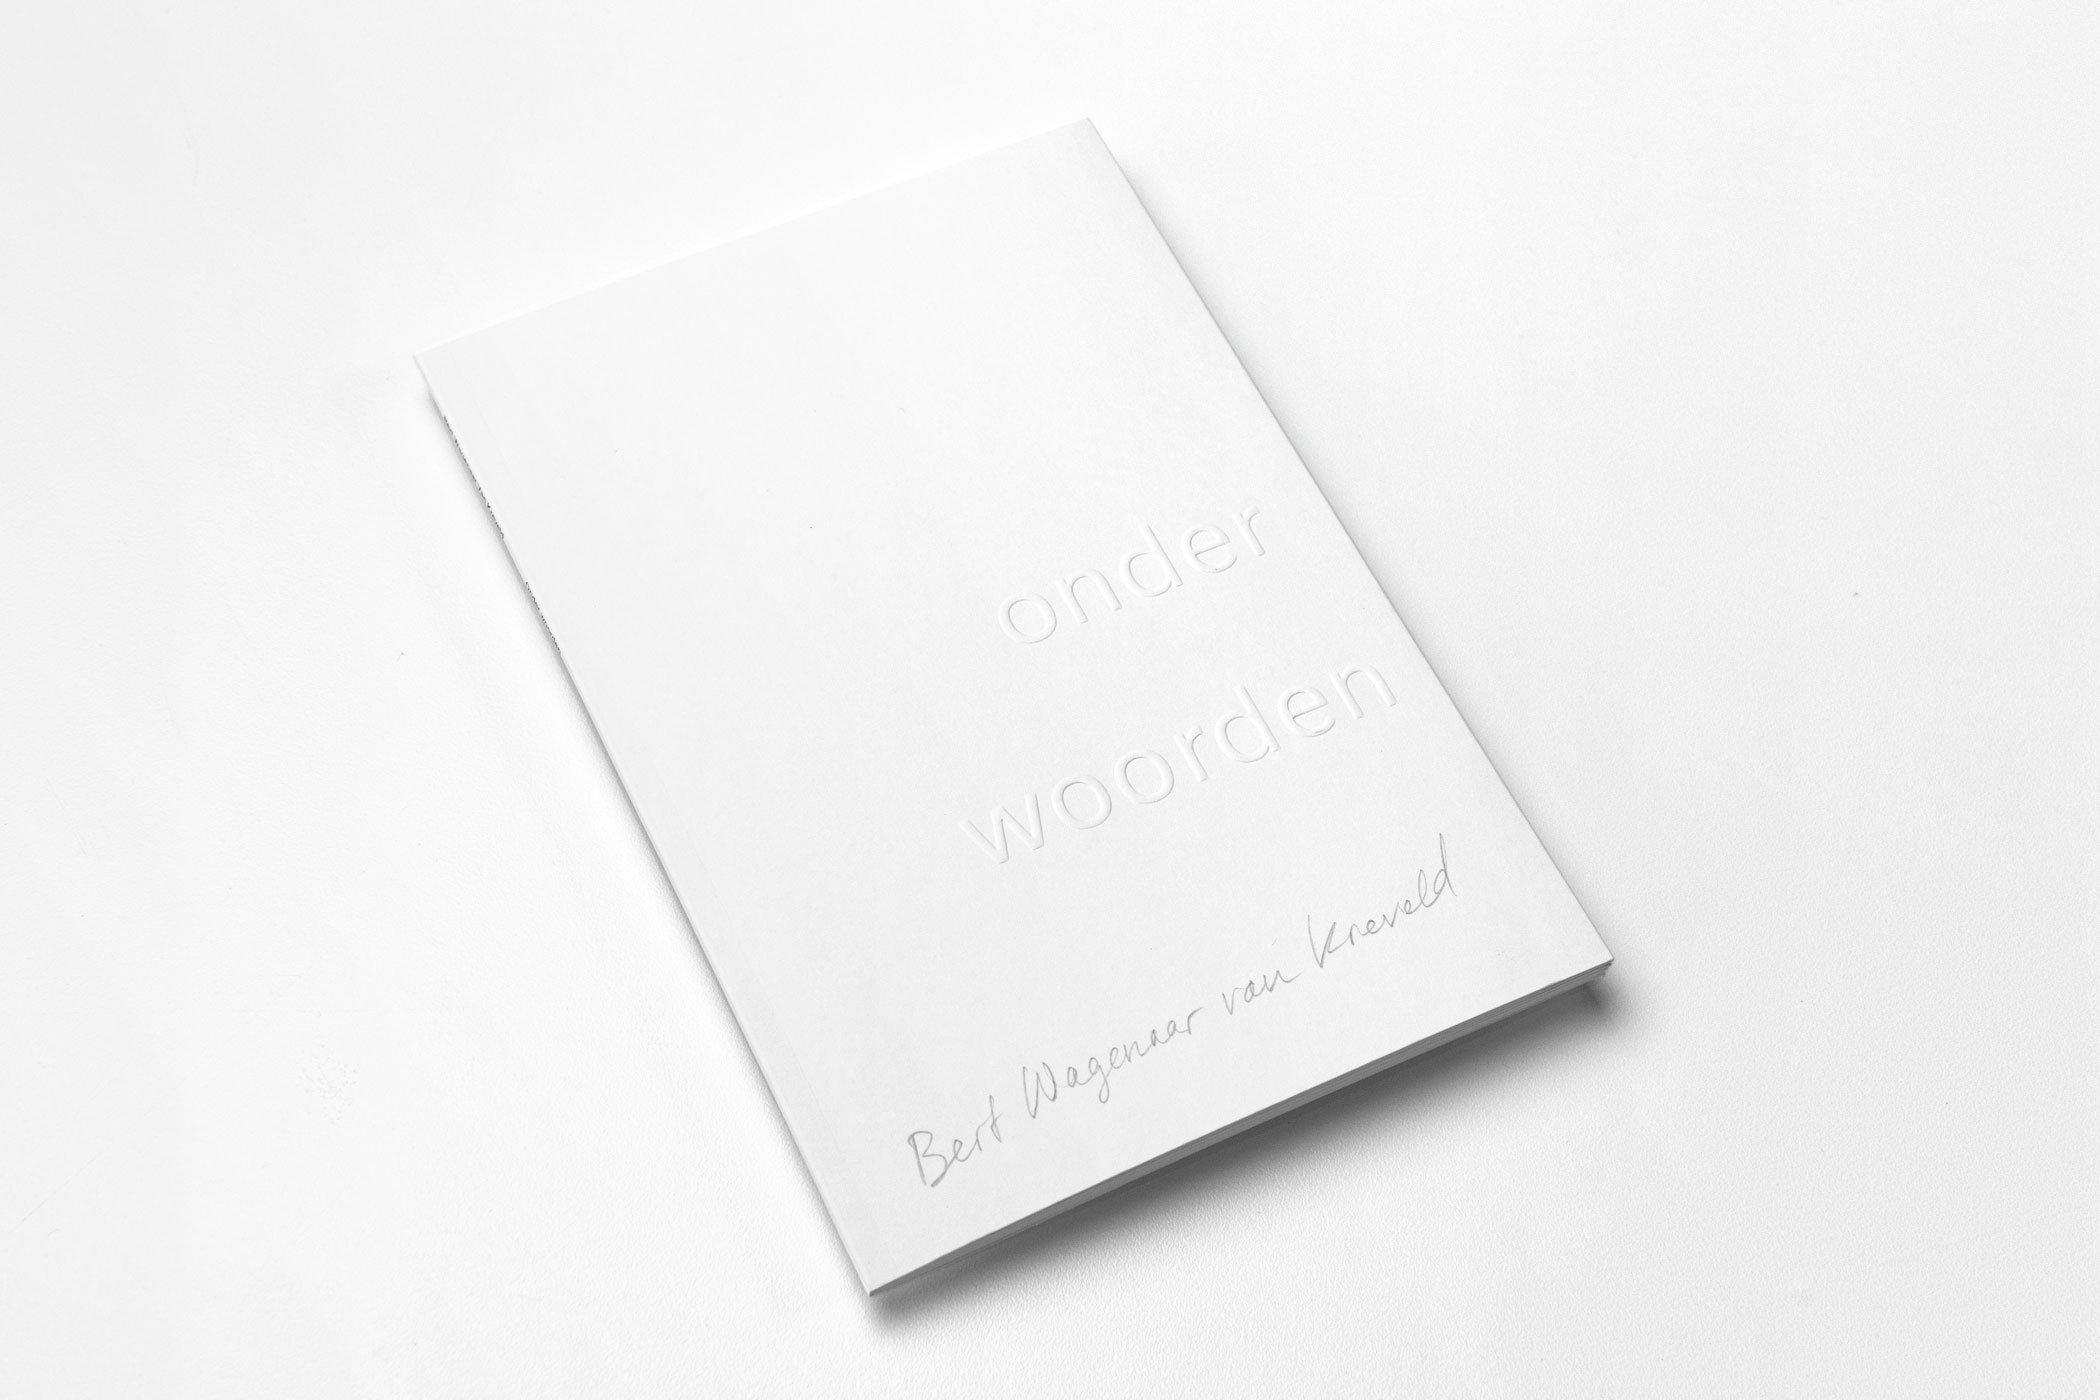 Ontwerper Sanne Beeren kwam naar De Monsterkamer om papier uit te zoeken voor het boek Bert Wagenaar van Krefeld: Onder woorden. Door Sanne Beeren.